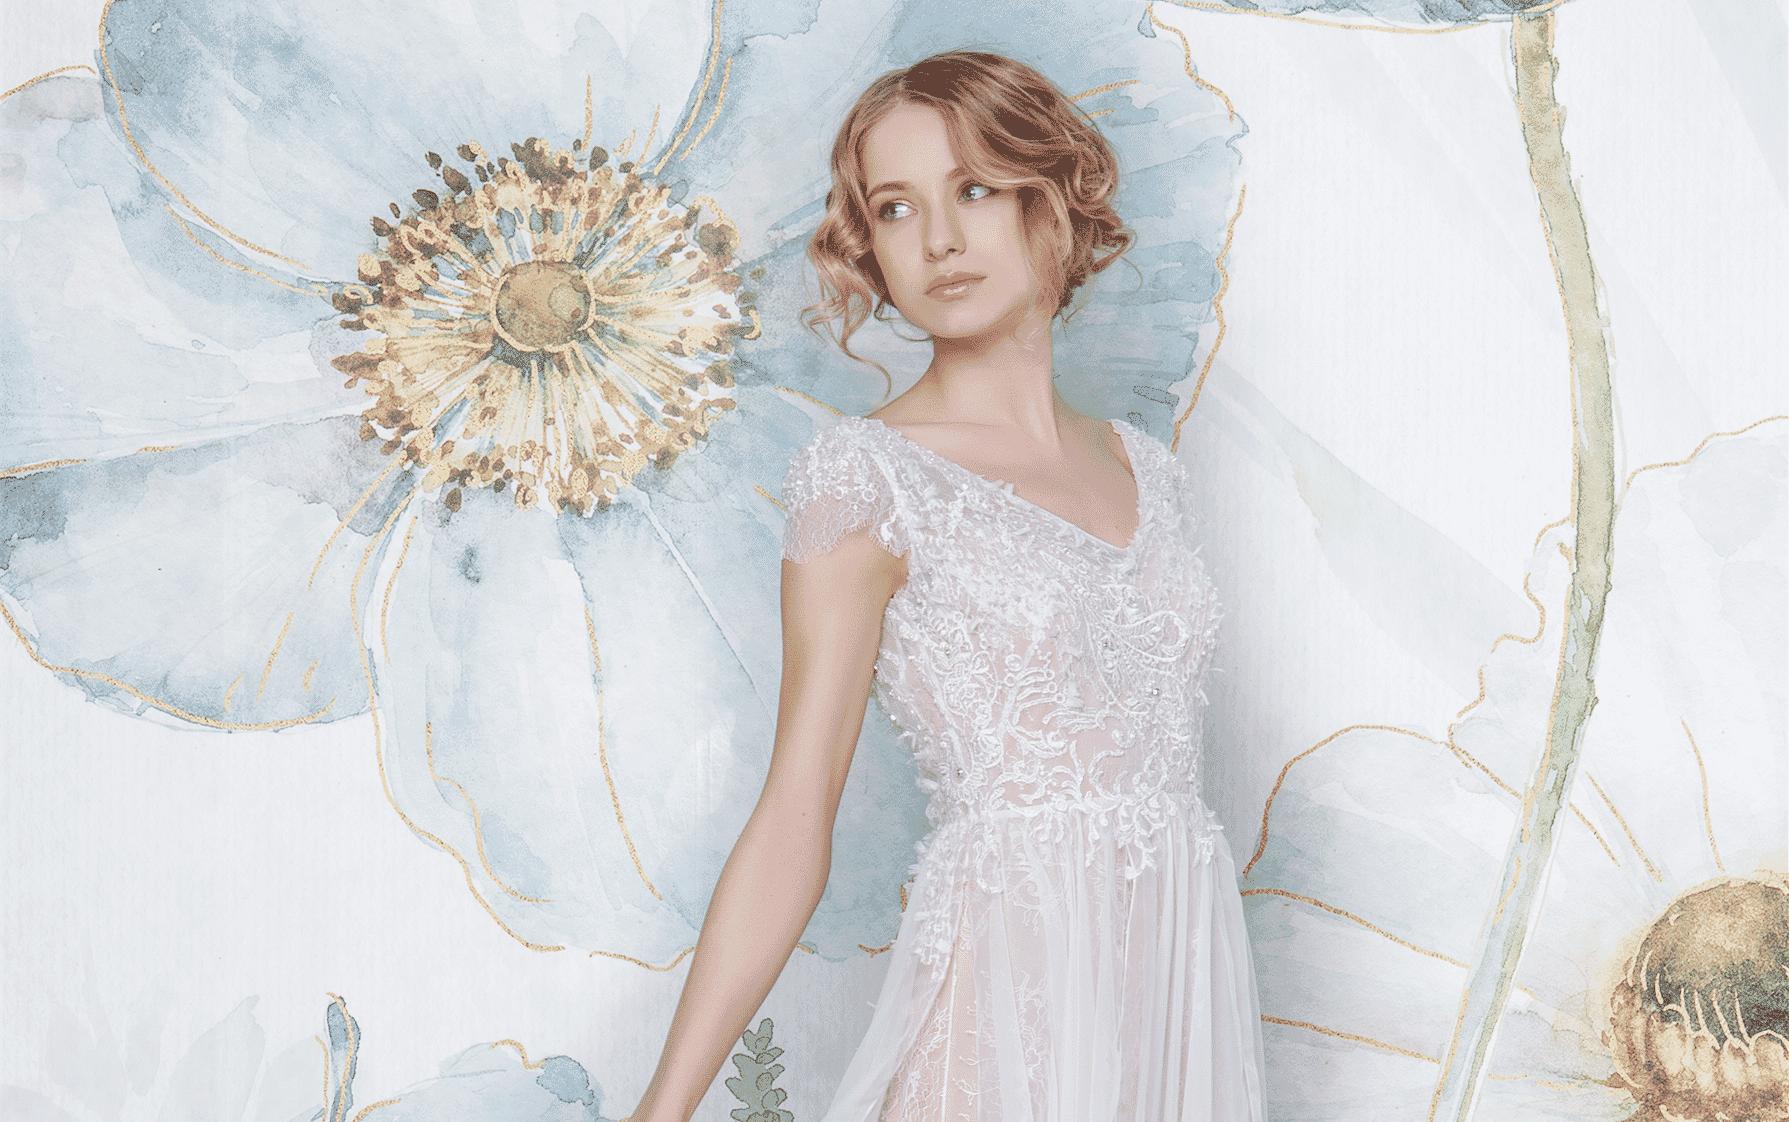 Traumhafte Brautmode Im Vintage Bohemian Stil Bei Jolie Fashion